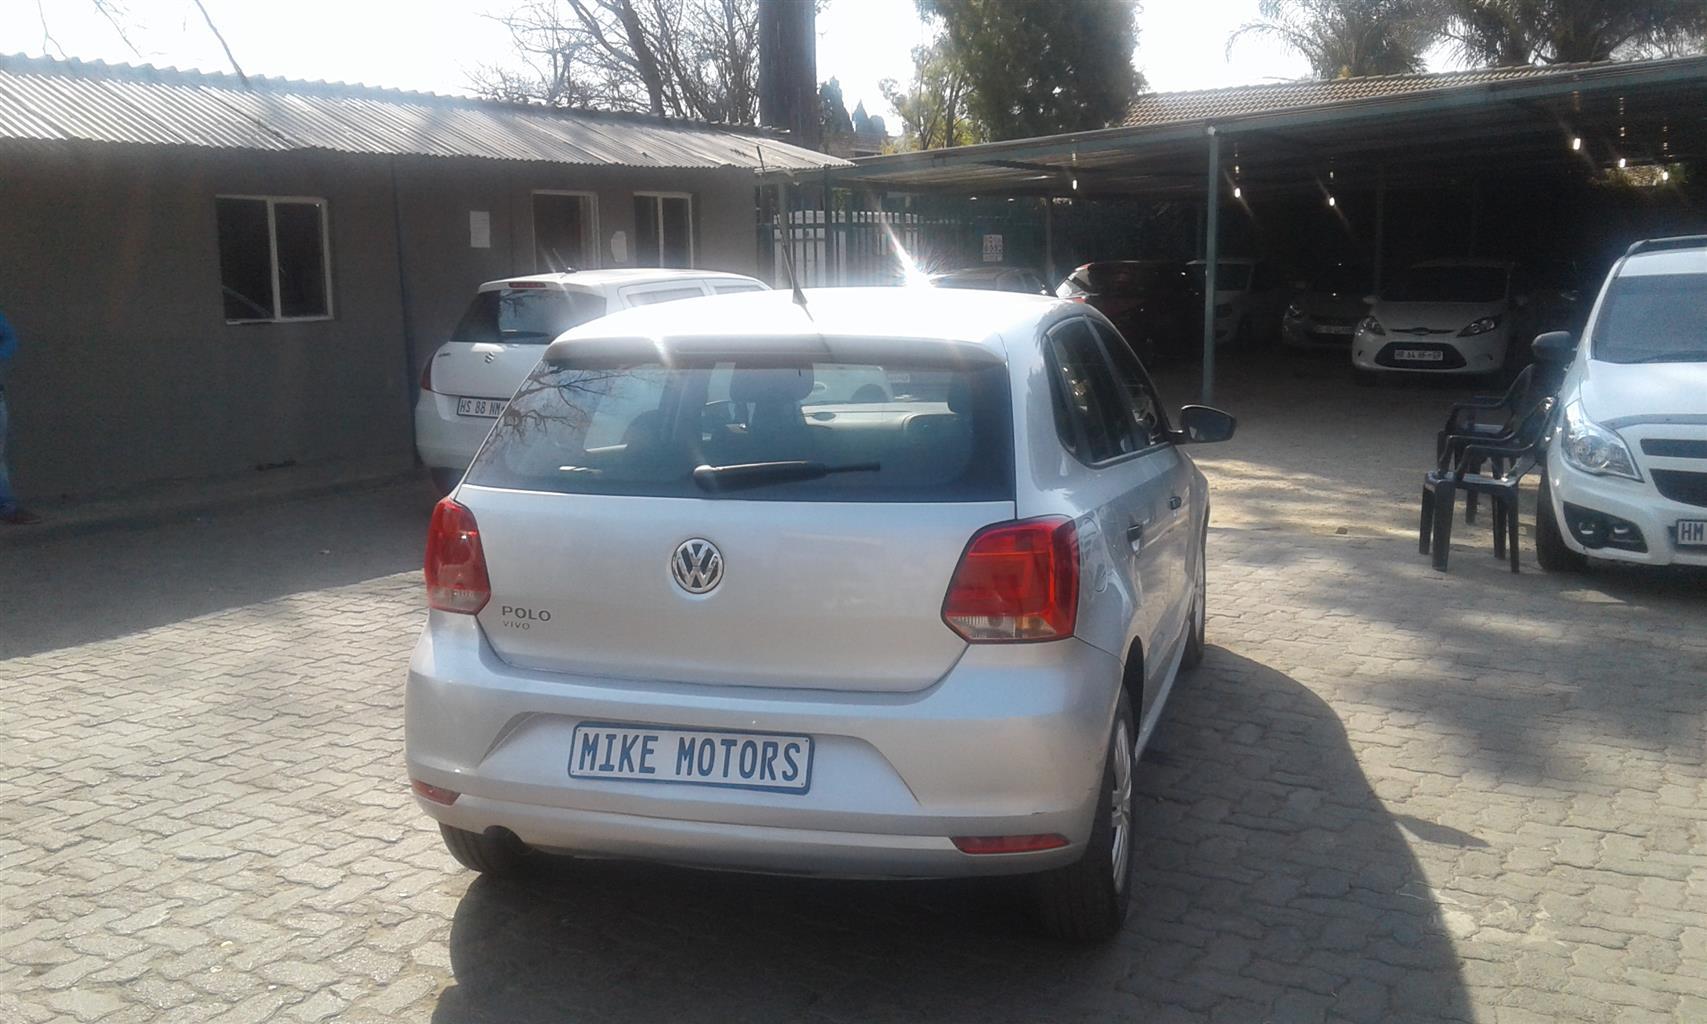 2019 VW Polo Vivo 3 door 1.4